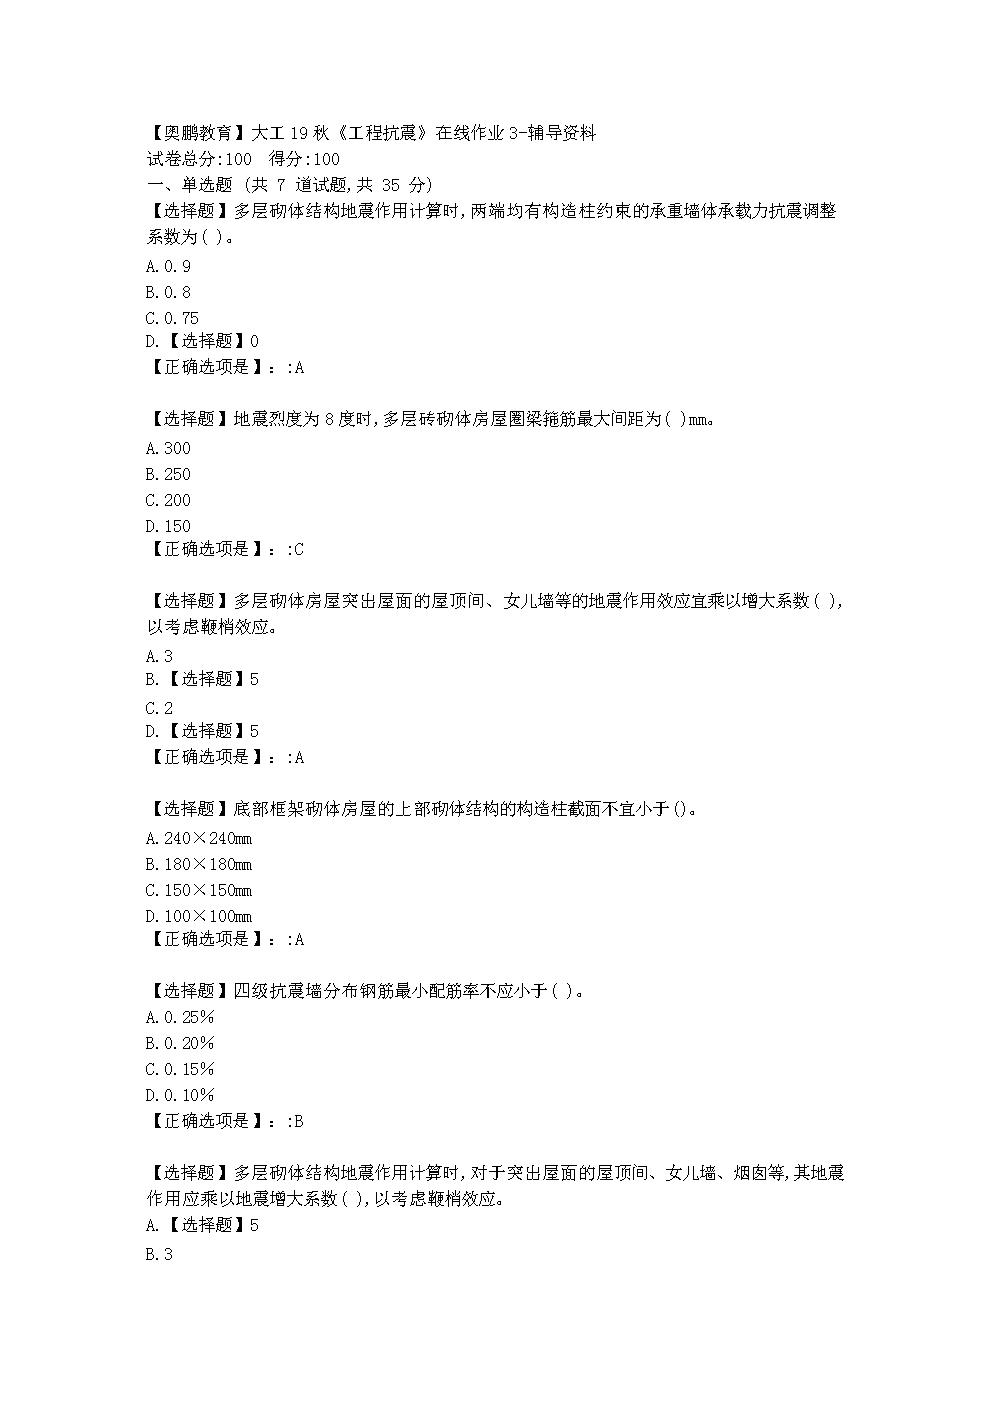 大连理工大学19秋《工程抗震》在线作业3学习资料.doc